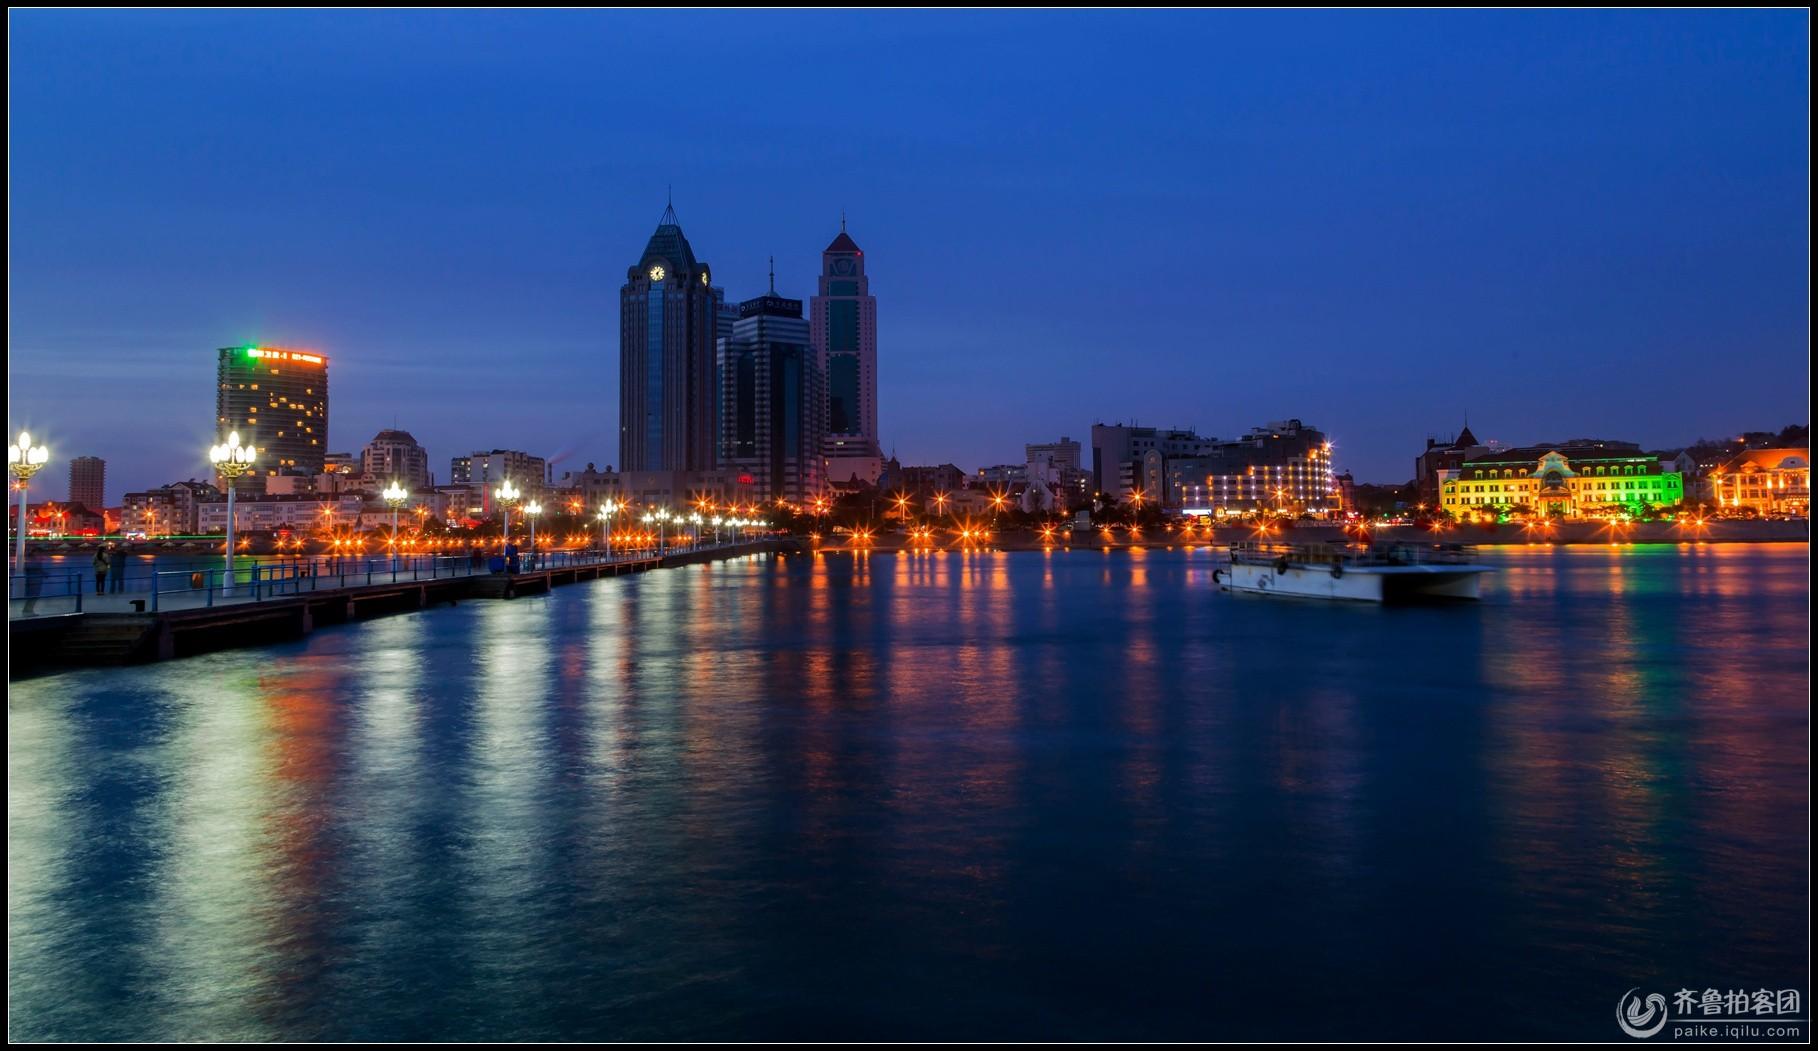 初四,栈桥夜景 - 青岛拍客 - 齐鲁社区 - 山东最大的